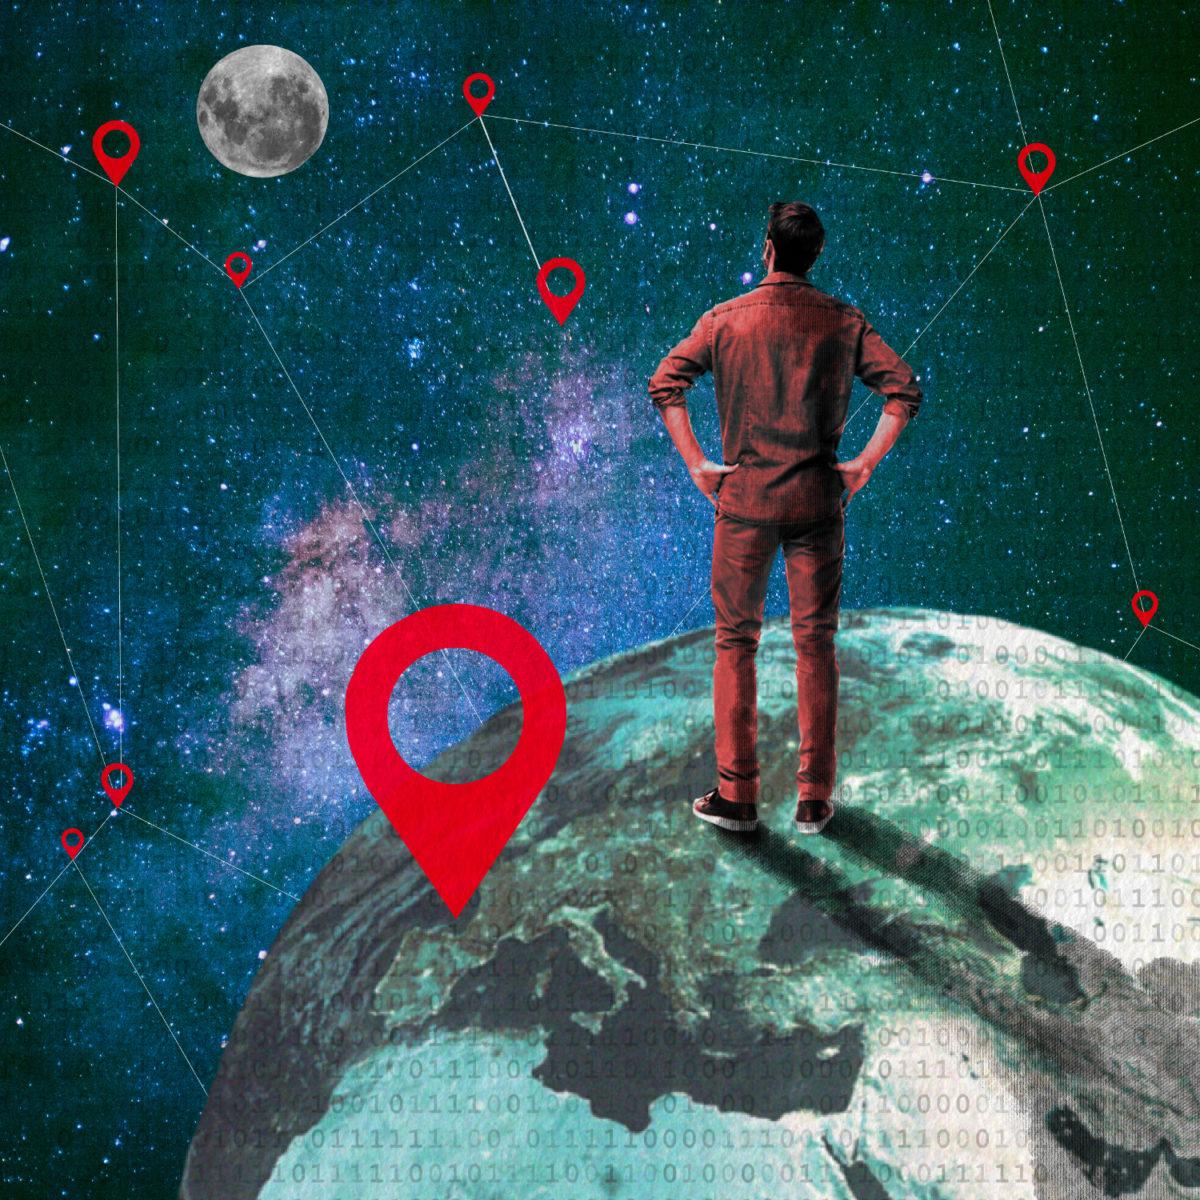 Articolo_extraterrestri valentina vinci propositivo resilienza